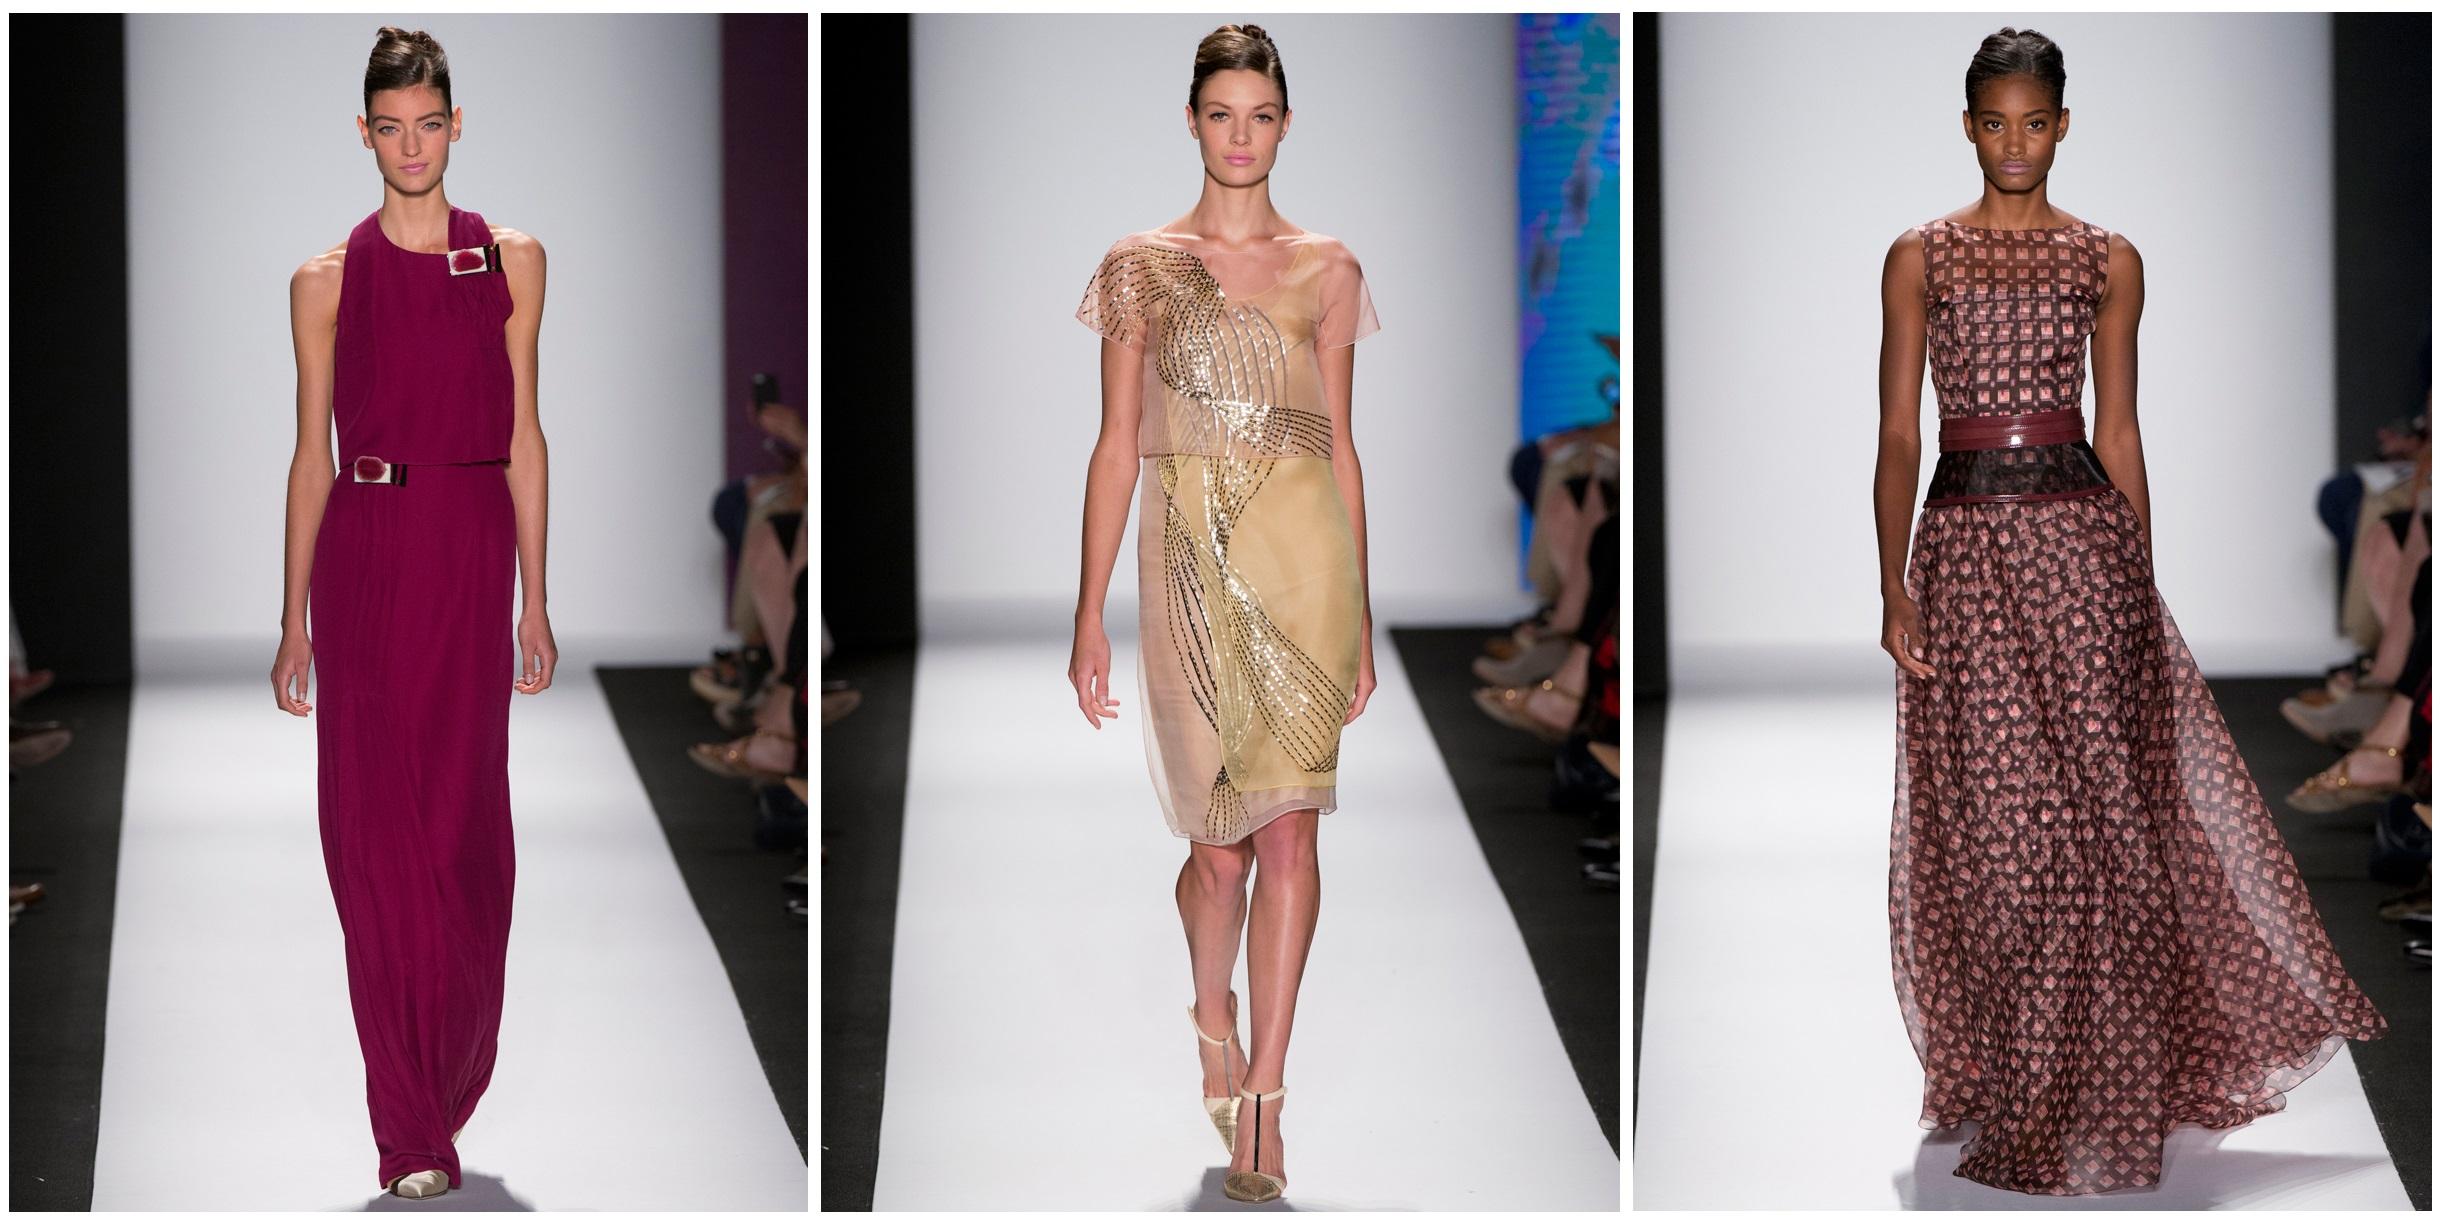 Carolina Herrera Spring 2014 Collection New York Fashion Week 2